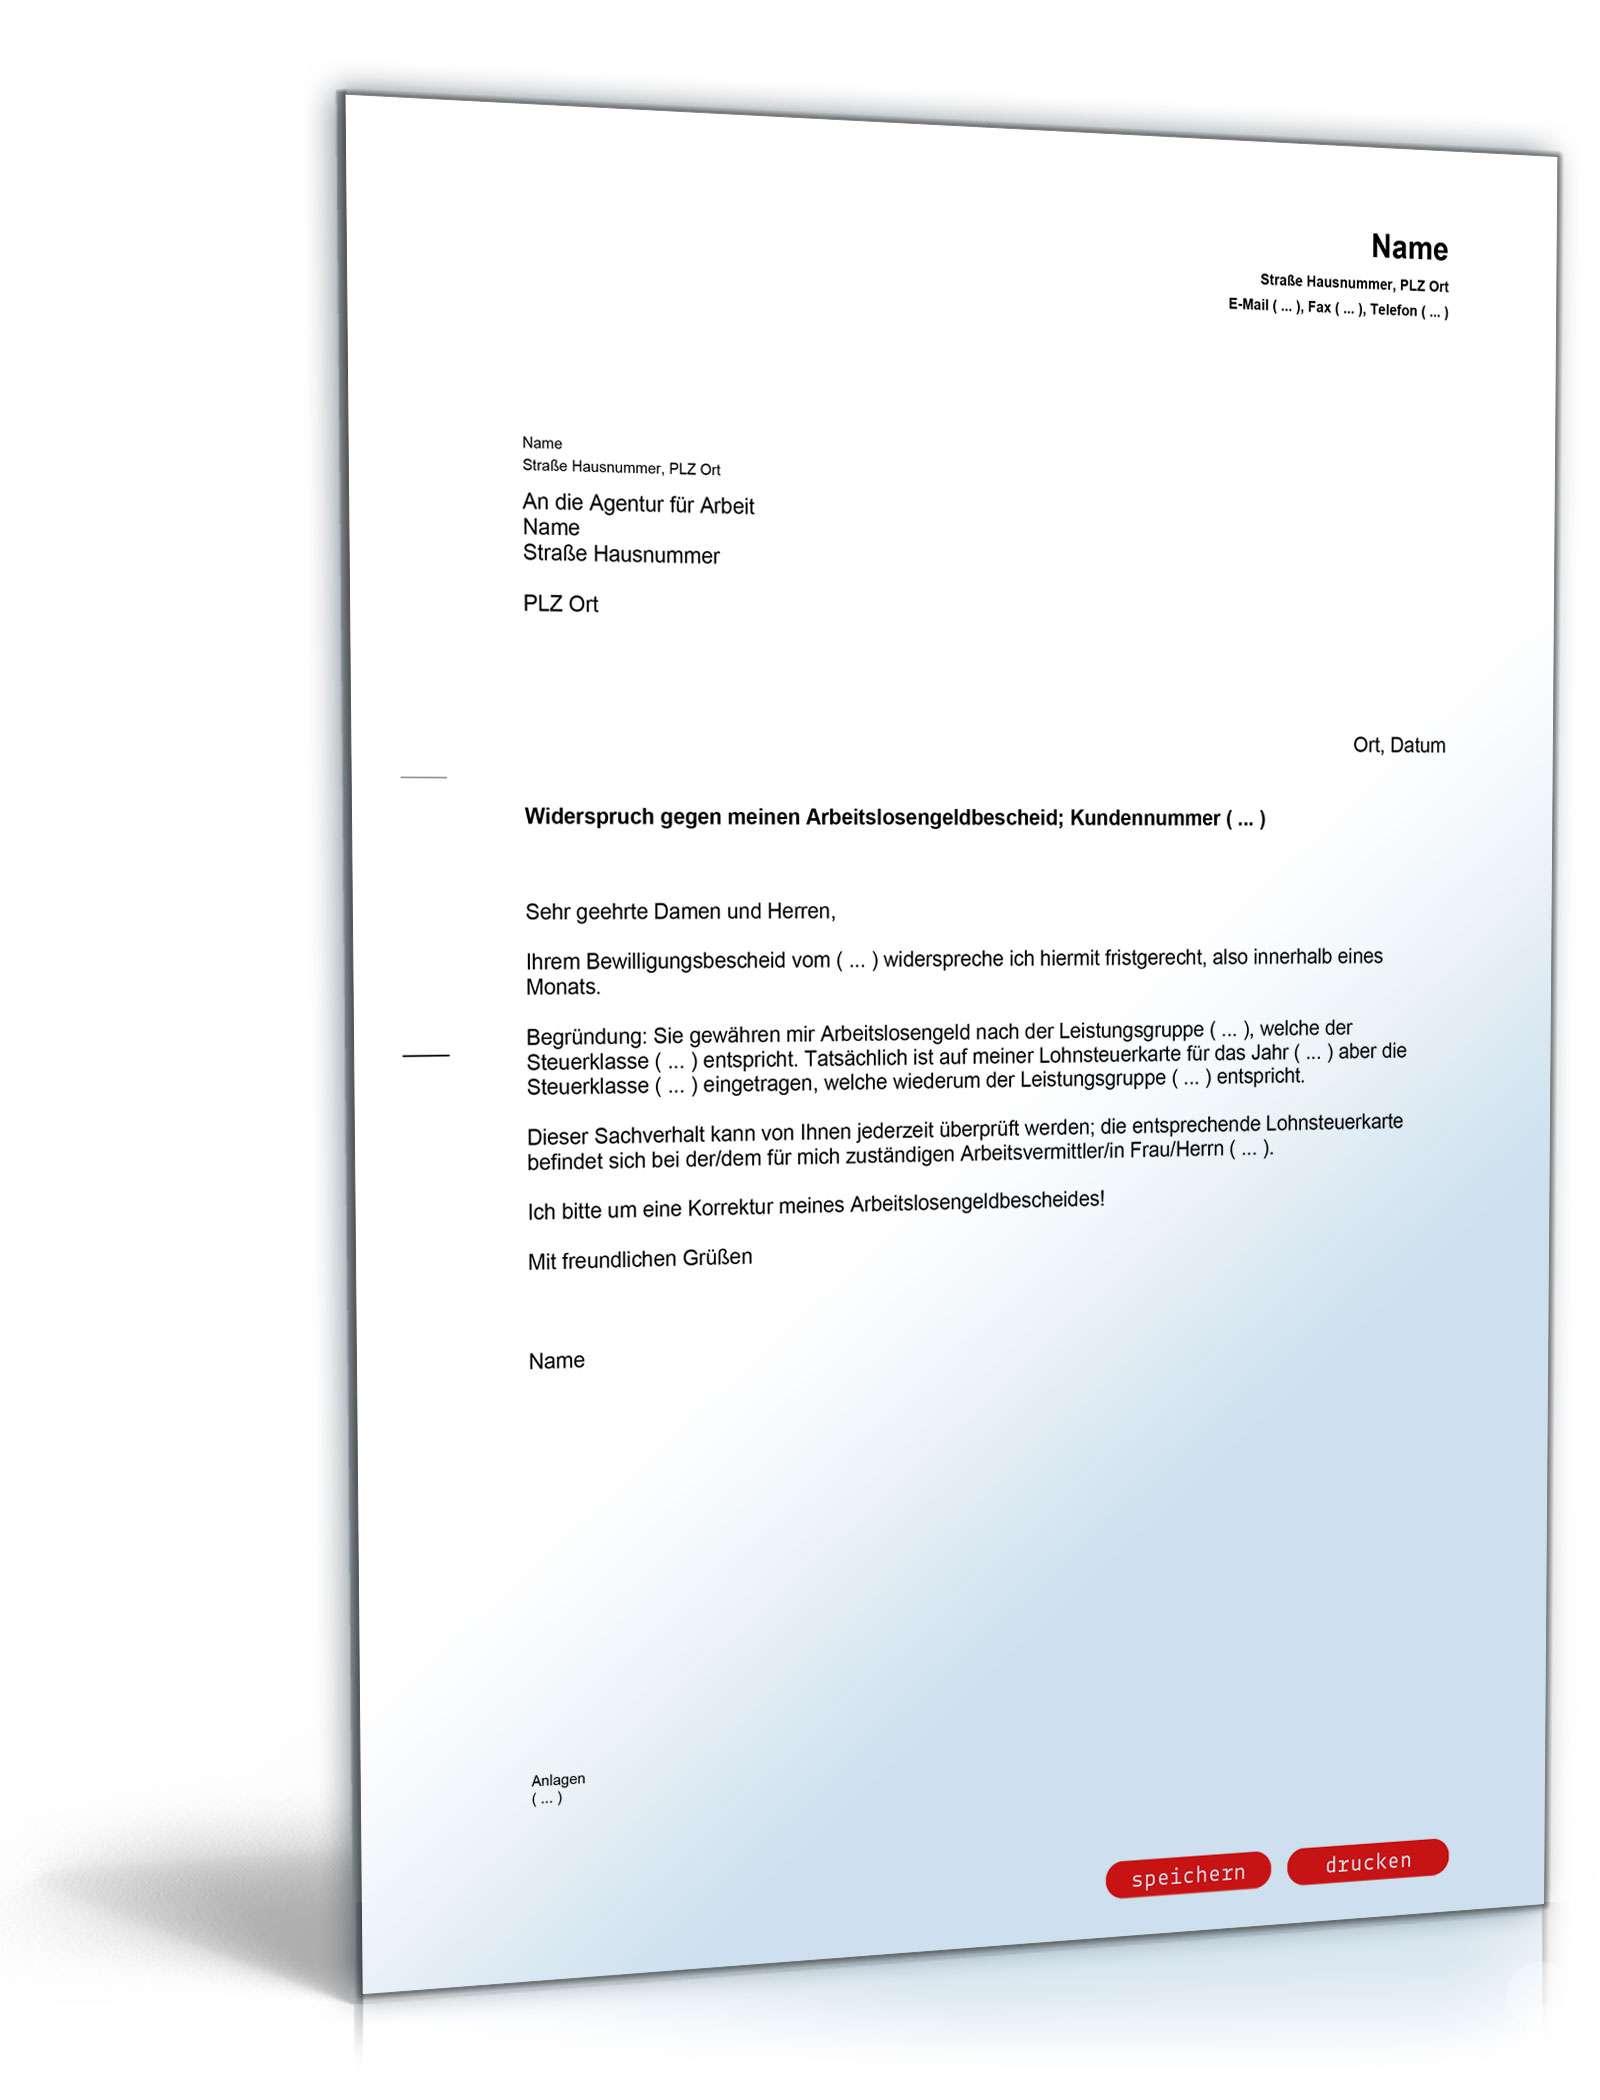 Einspruch Gegen Arbeitslosengeldbescheid Muster Vorlage Zum Download